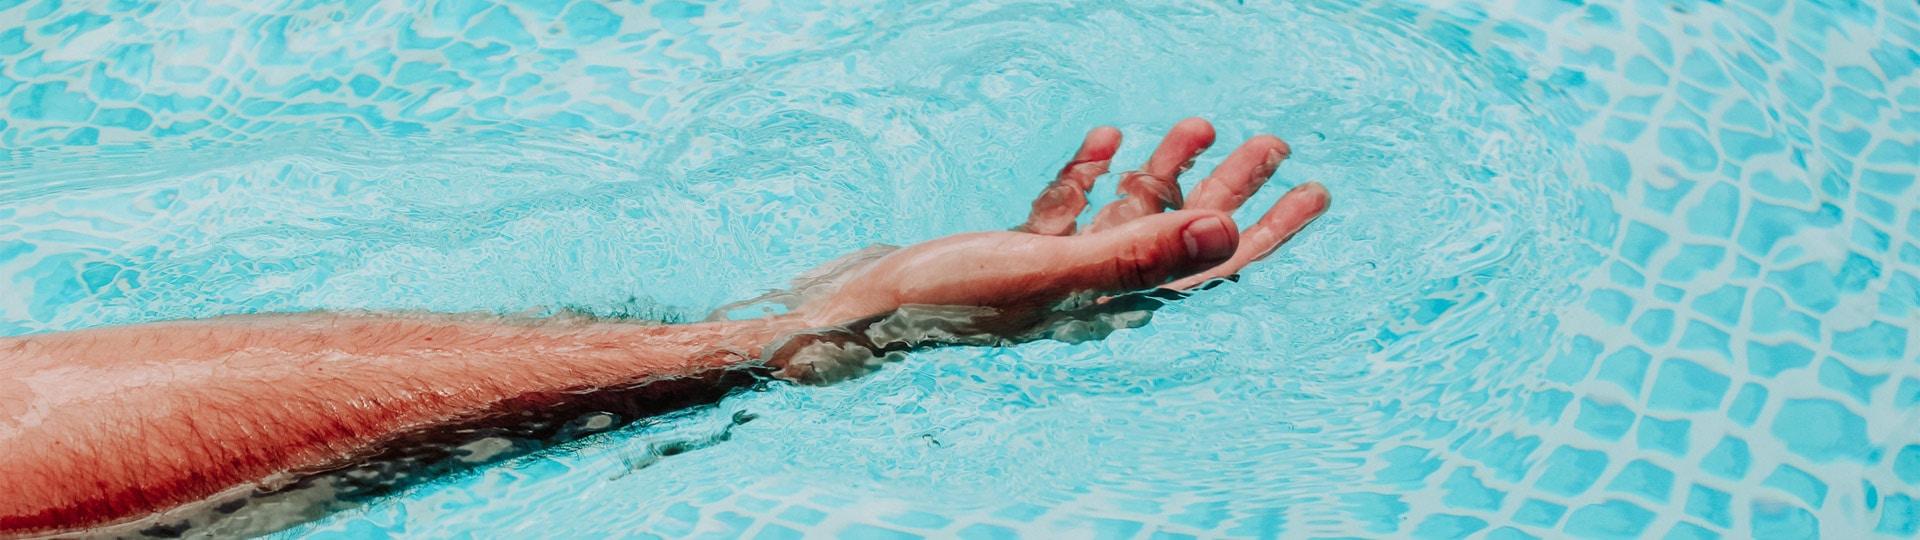 Mantenimiento de una piscina en invierno